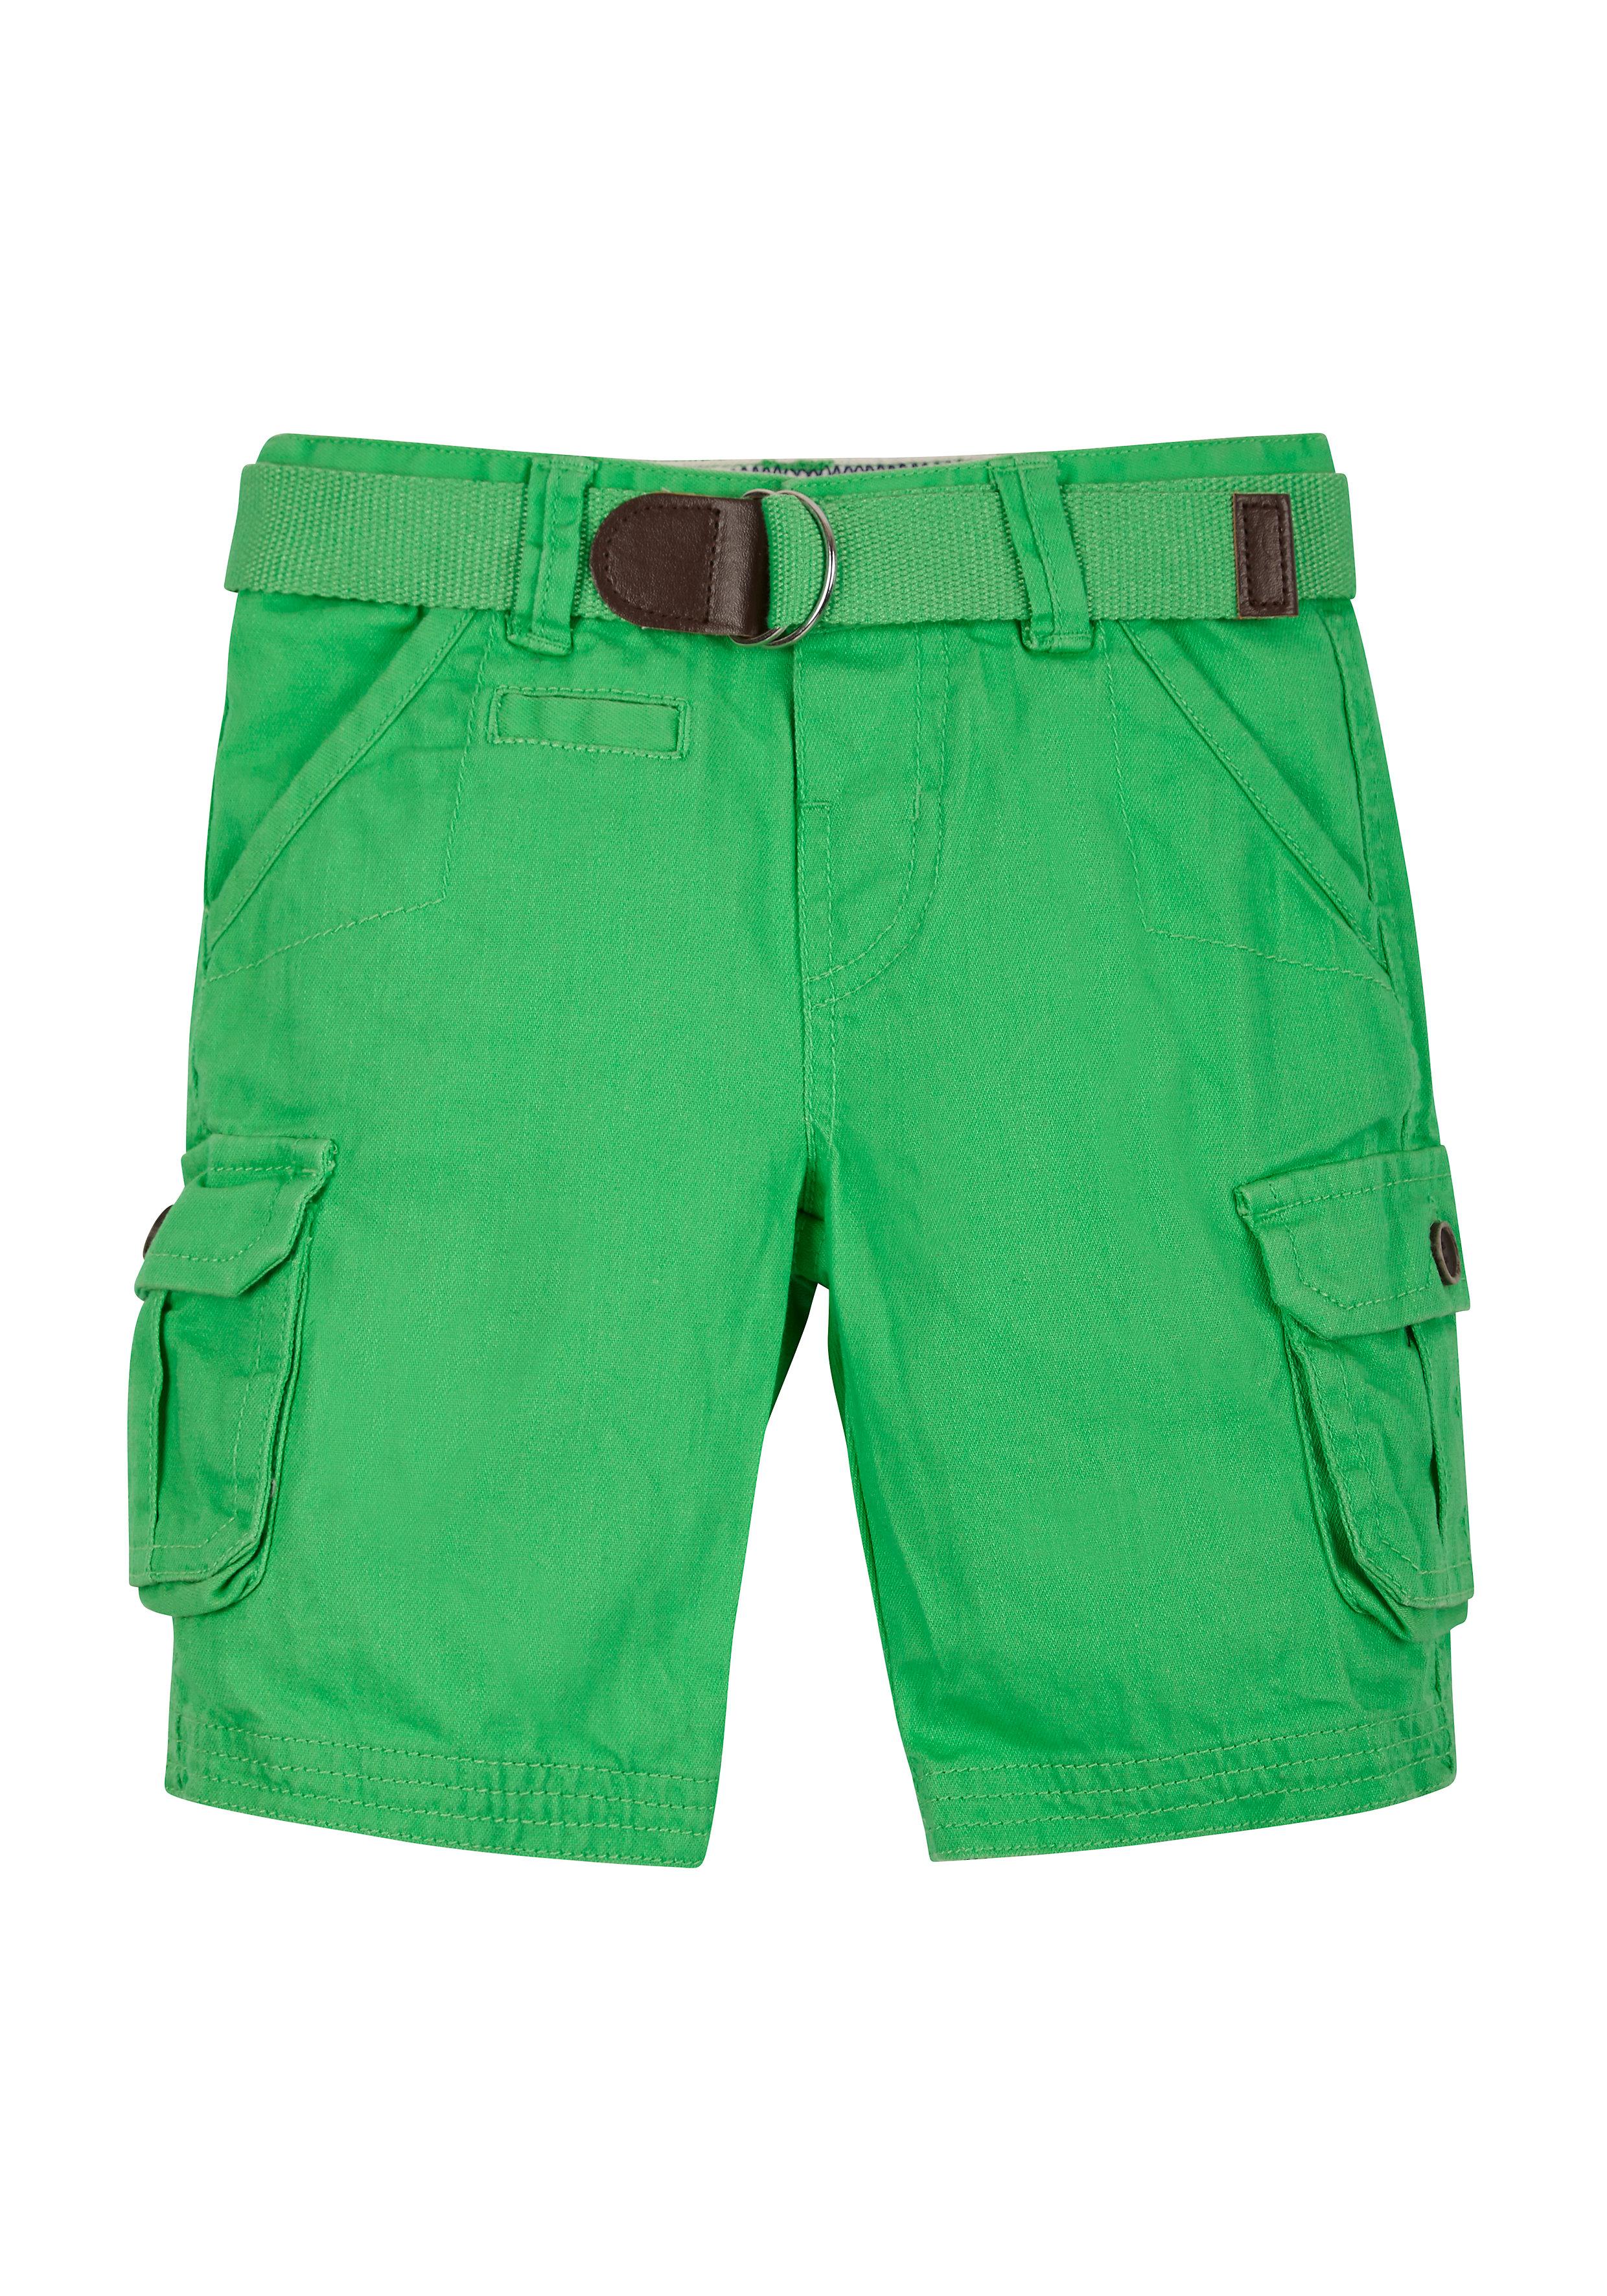 Mothercare | Boys Cargo Shorts - Green